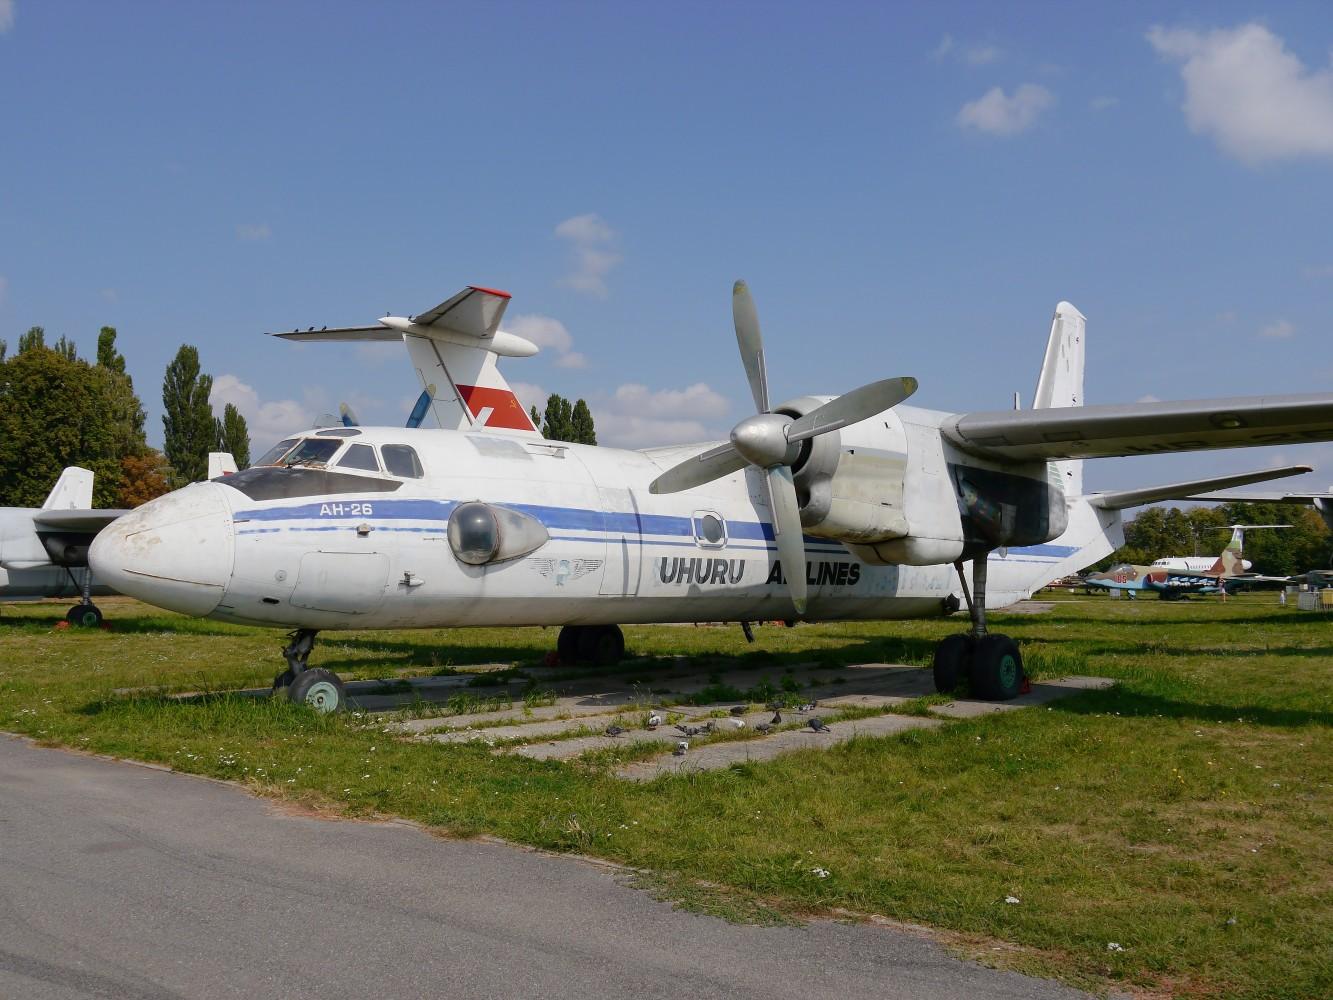 Kliknij obrazek, aby uzyskać większą wersję  Nazwa:An-26 (1).jpg Wyświetleń:22 Rozmiar:309,2 KB ID:234699